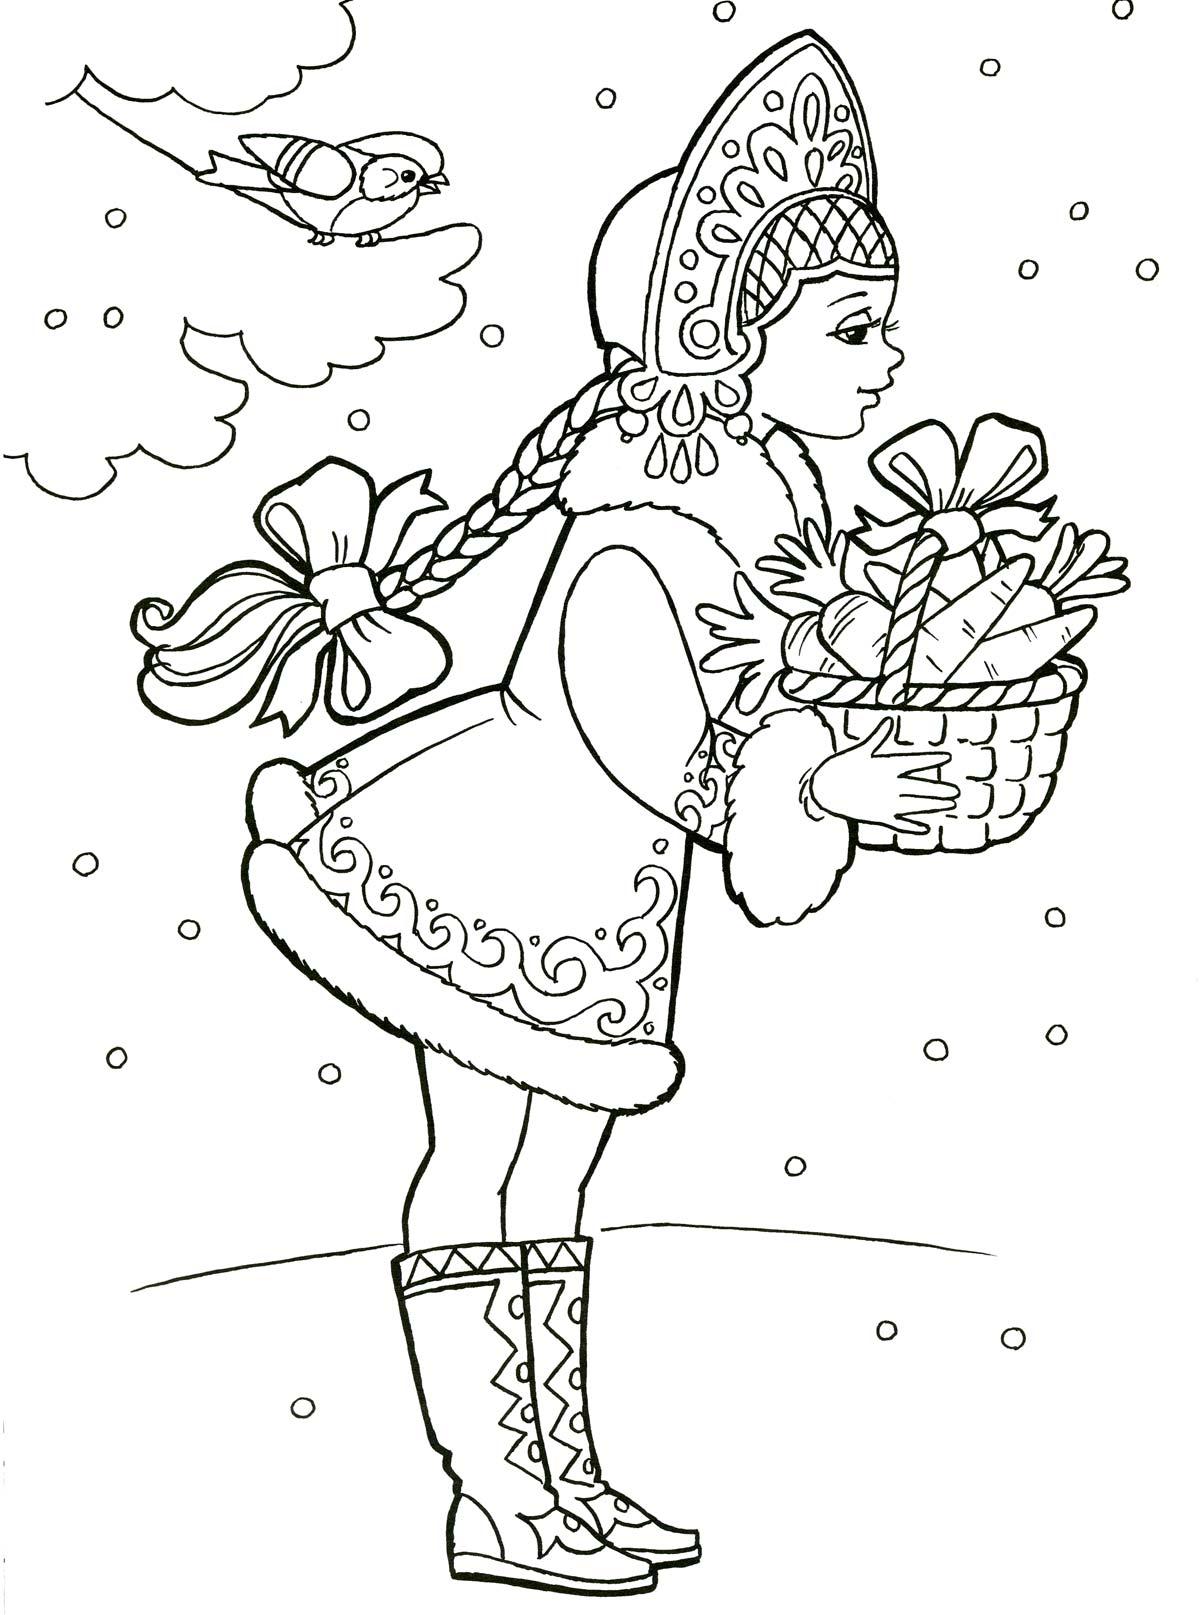 Снегурочка дарит морковку Раскраски зима скачать бесплатно